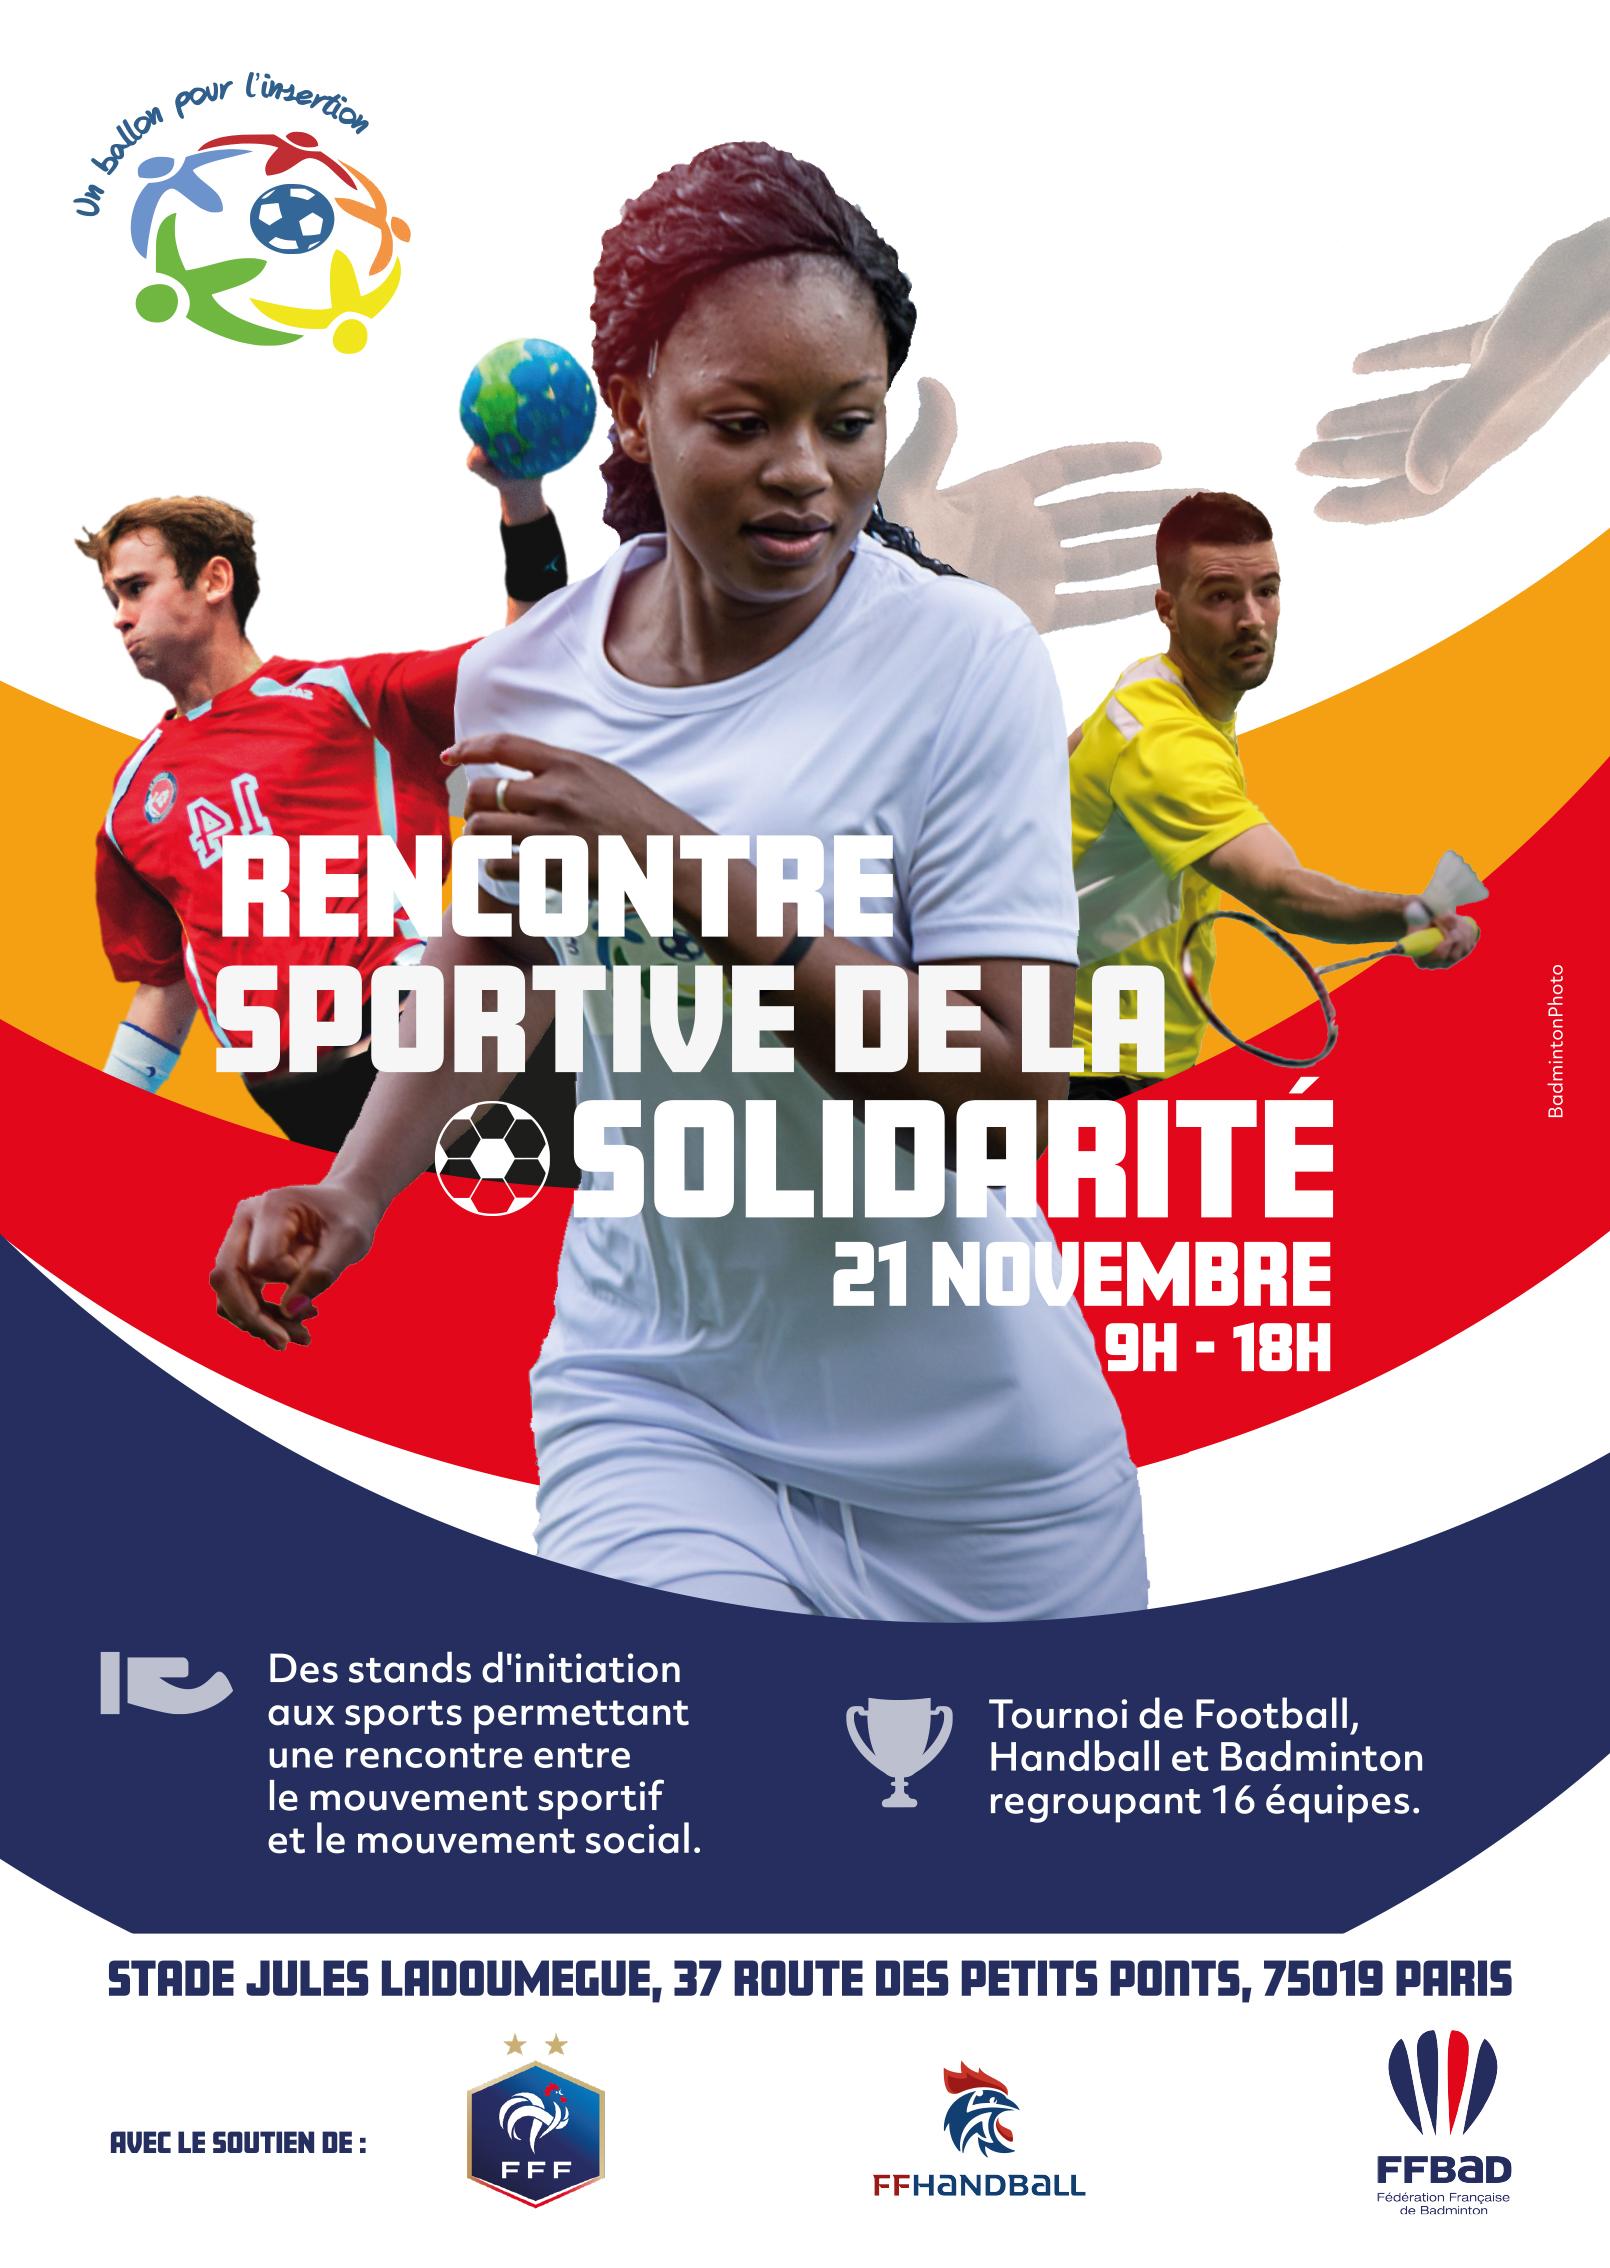 Run2meet : Site de rencontre pour célibataires sportifs